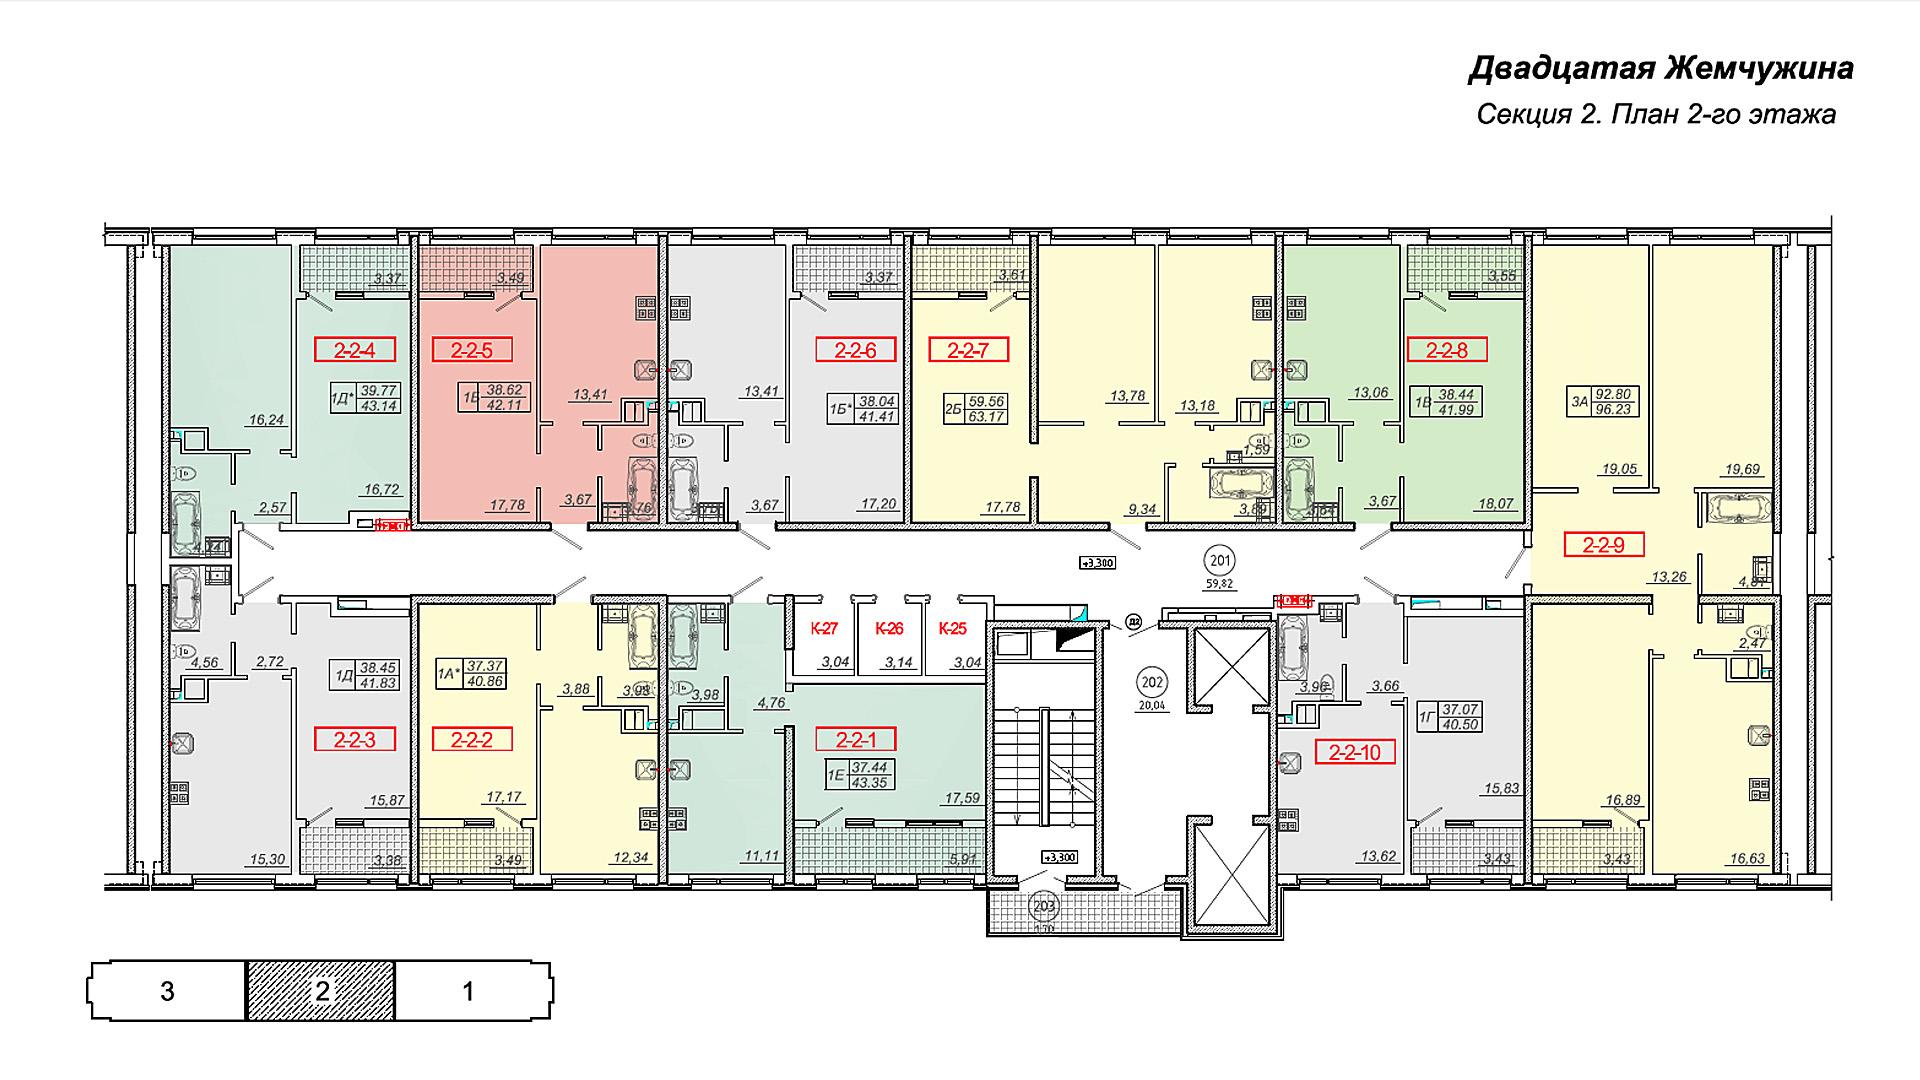 Кадорр, 20 Жемчужина, Планировка секция 2, этаж 2